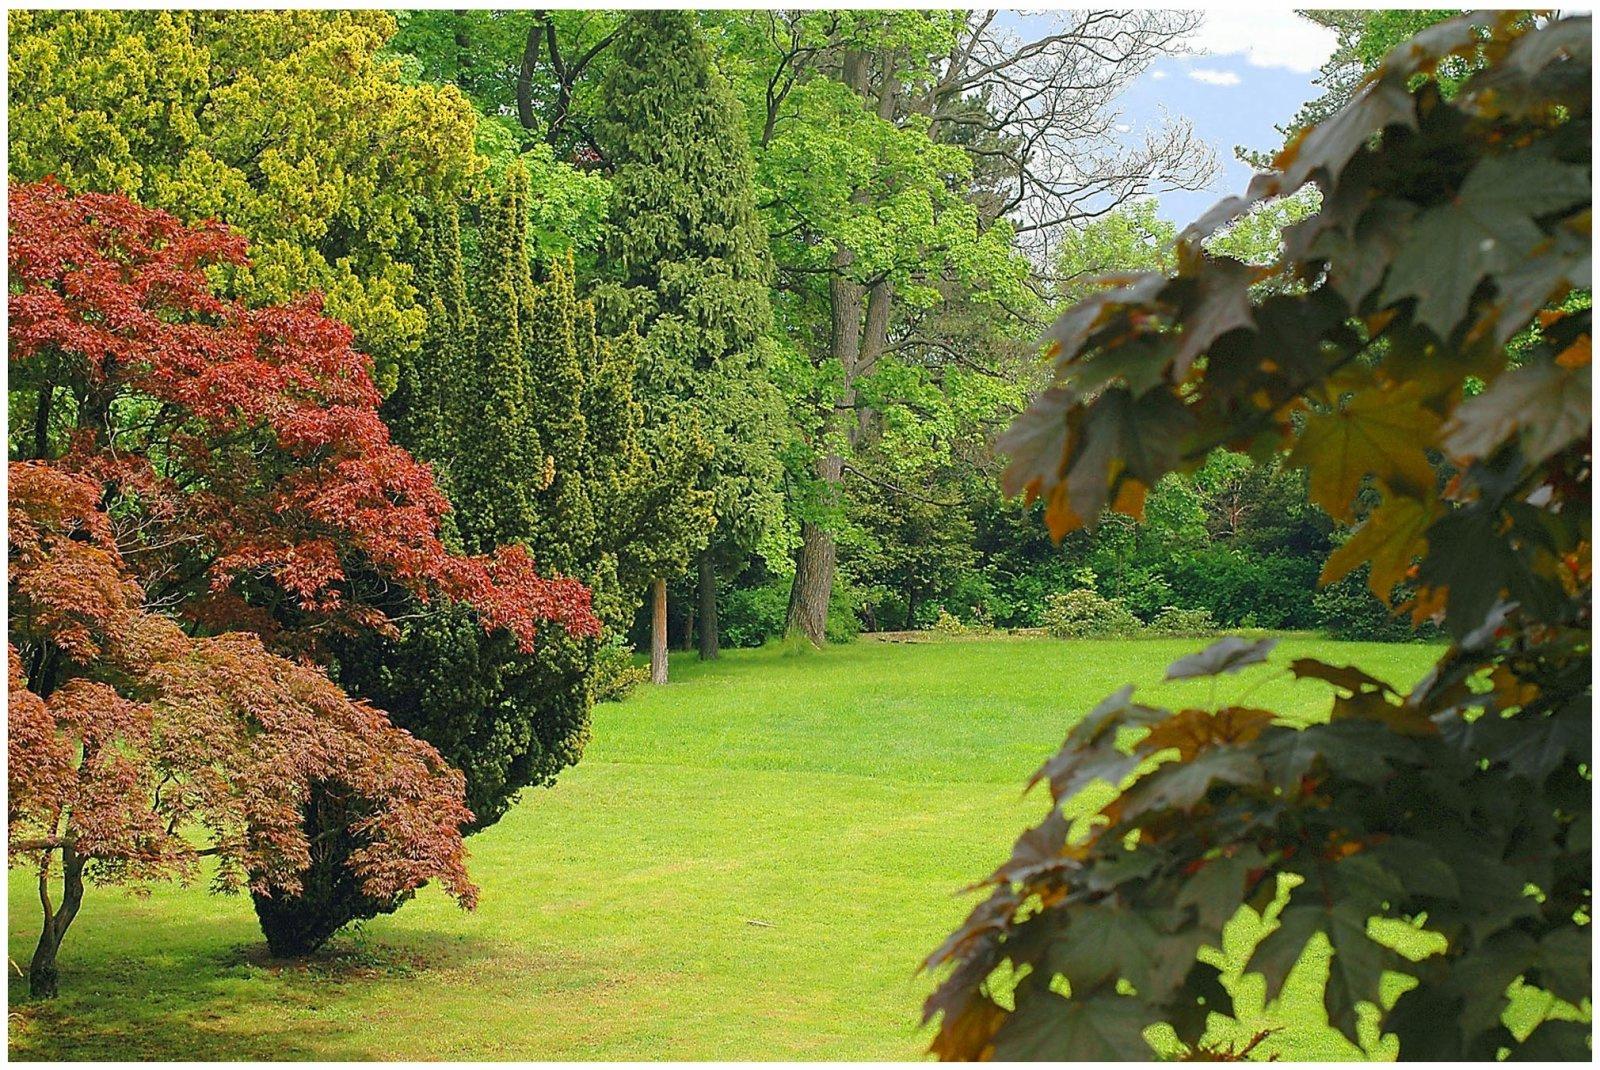 Fototapeta drzewo drzewa las liście niebo 254x184